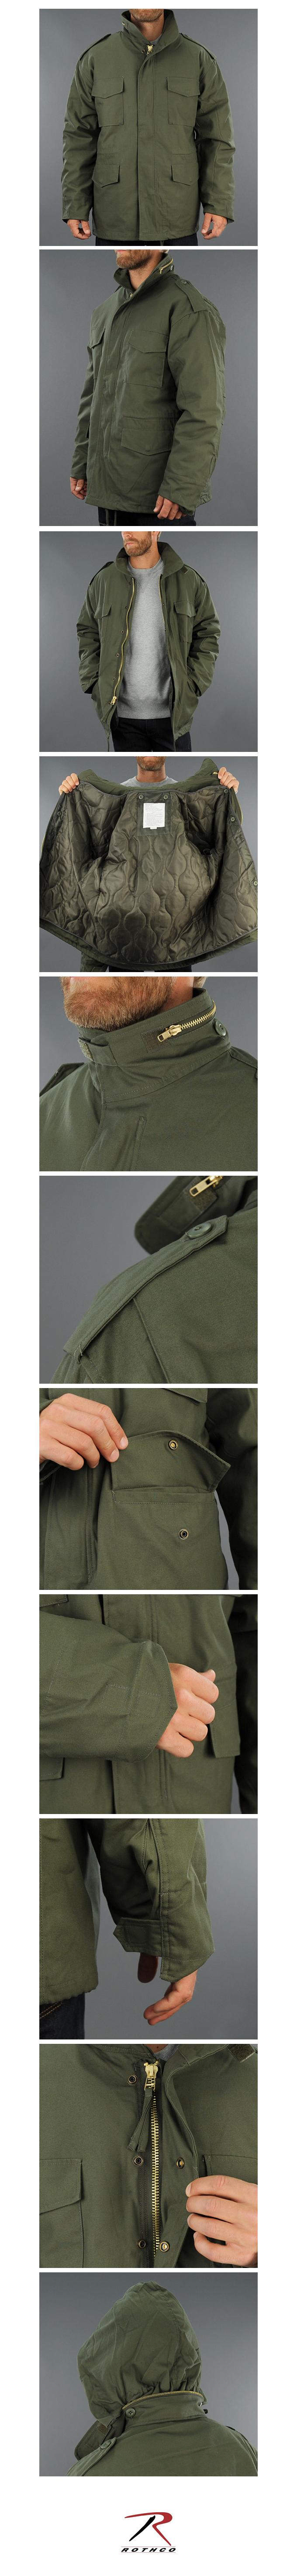 로스코(ROTHCO) [국내배송] M-65 FIELD JACKET(OLIVE)